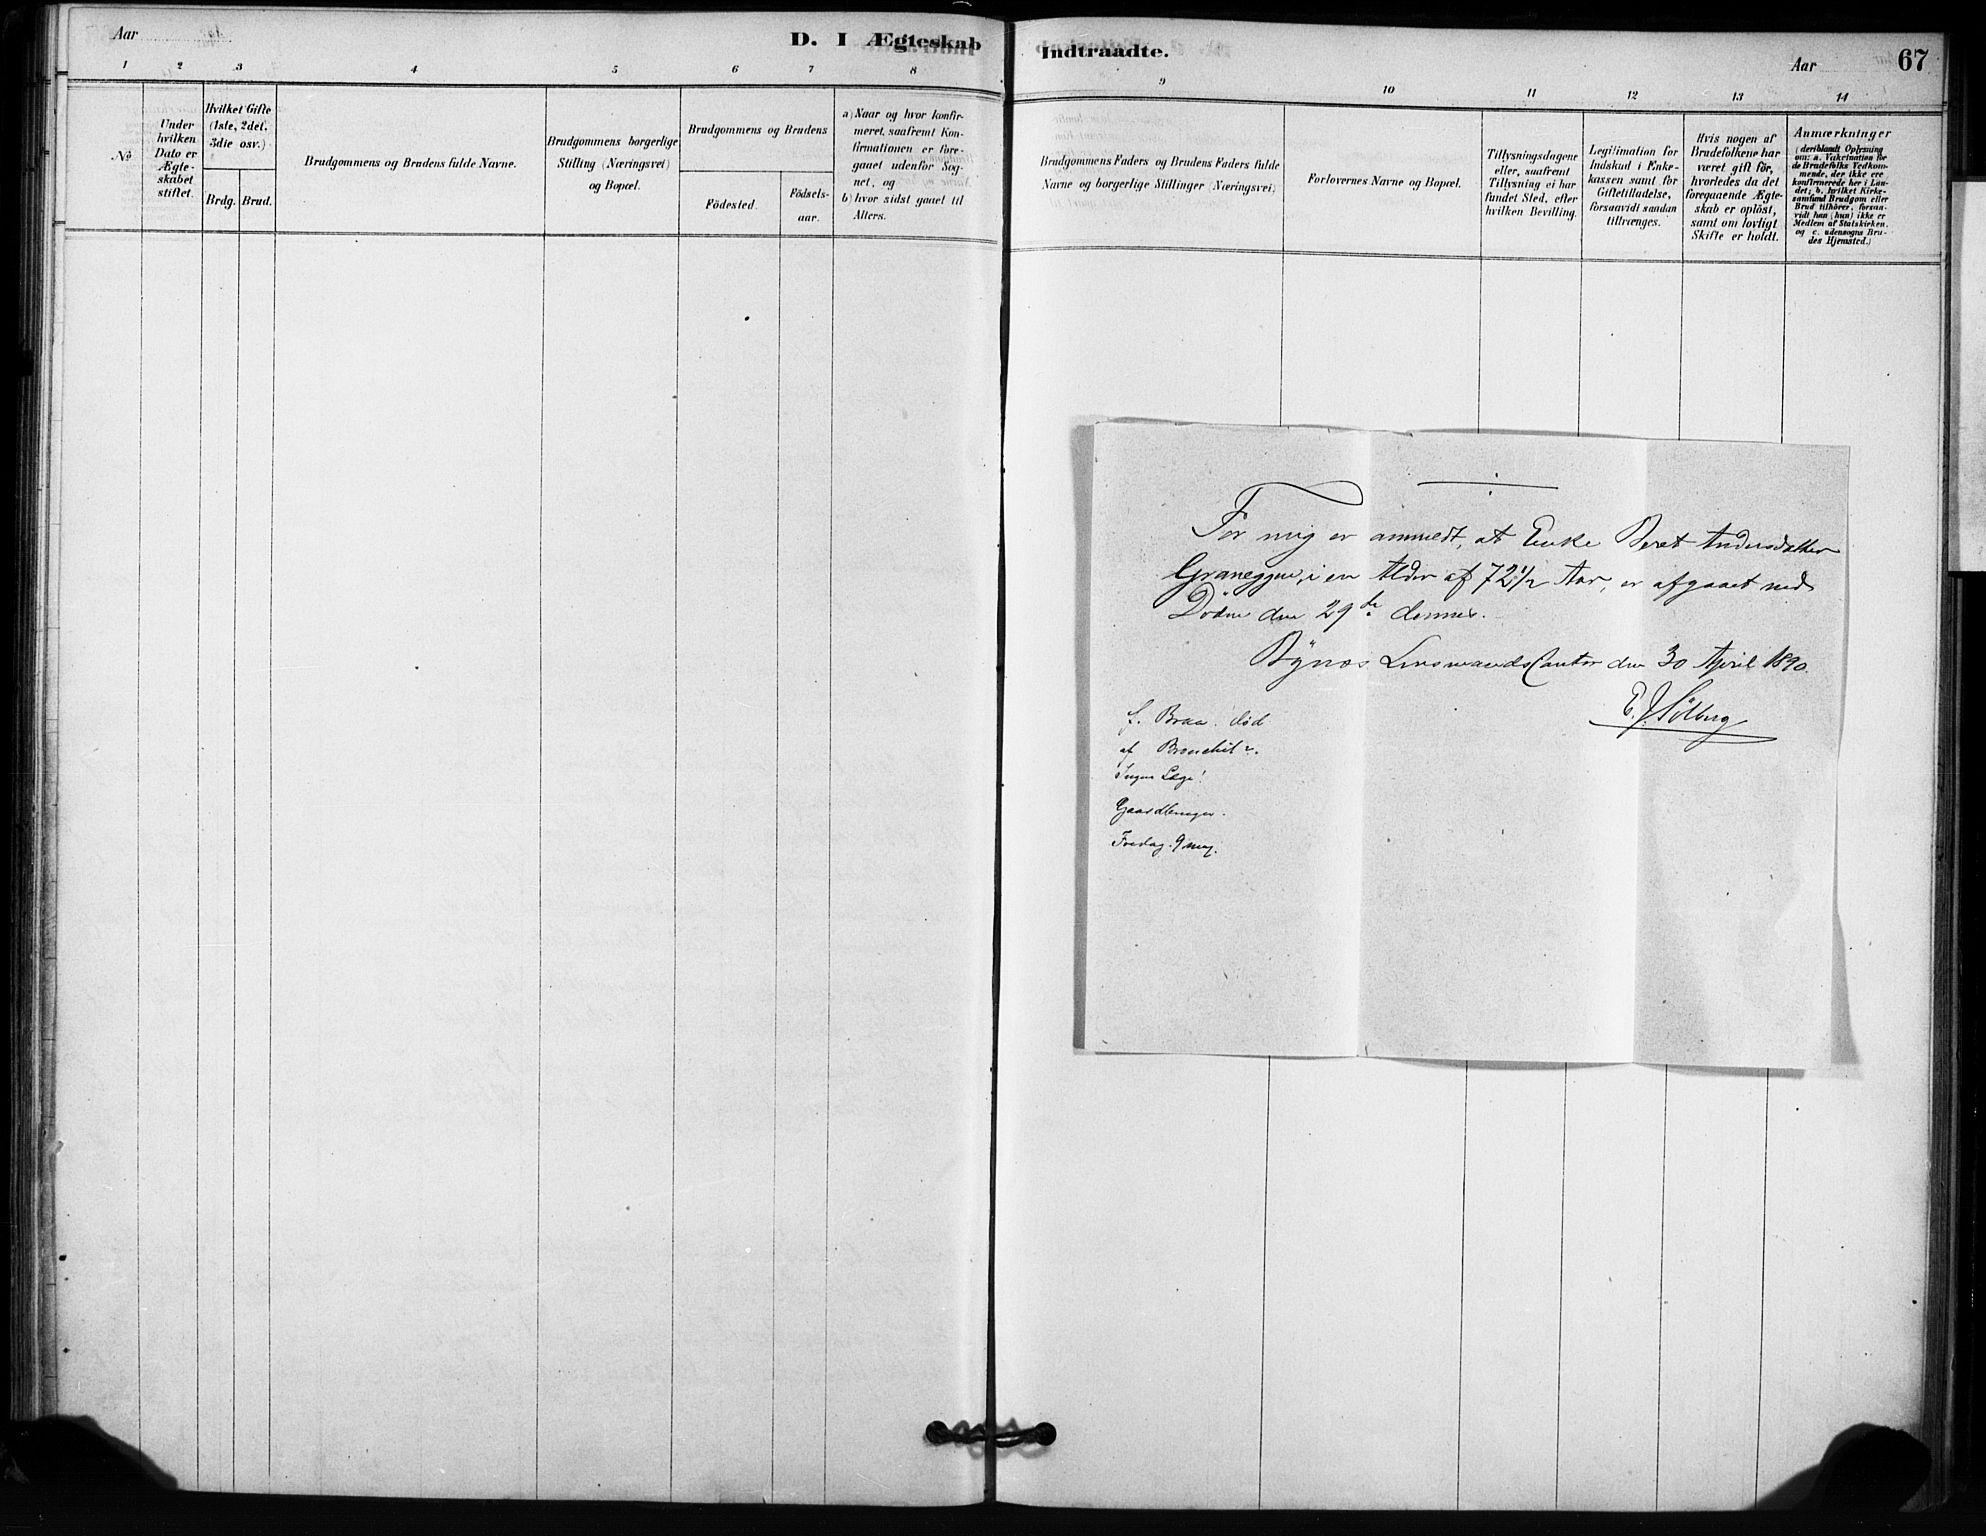 SAT, Ministerialprotokoller, klokkerbøker og fødselsregistre - Sør-Trøndelag, 666/L0786: Ministerialbok nr. 666A04, 1878-1895, s. 67